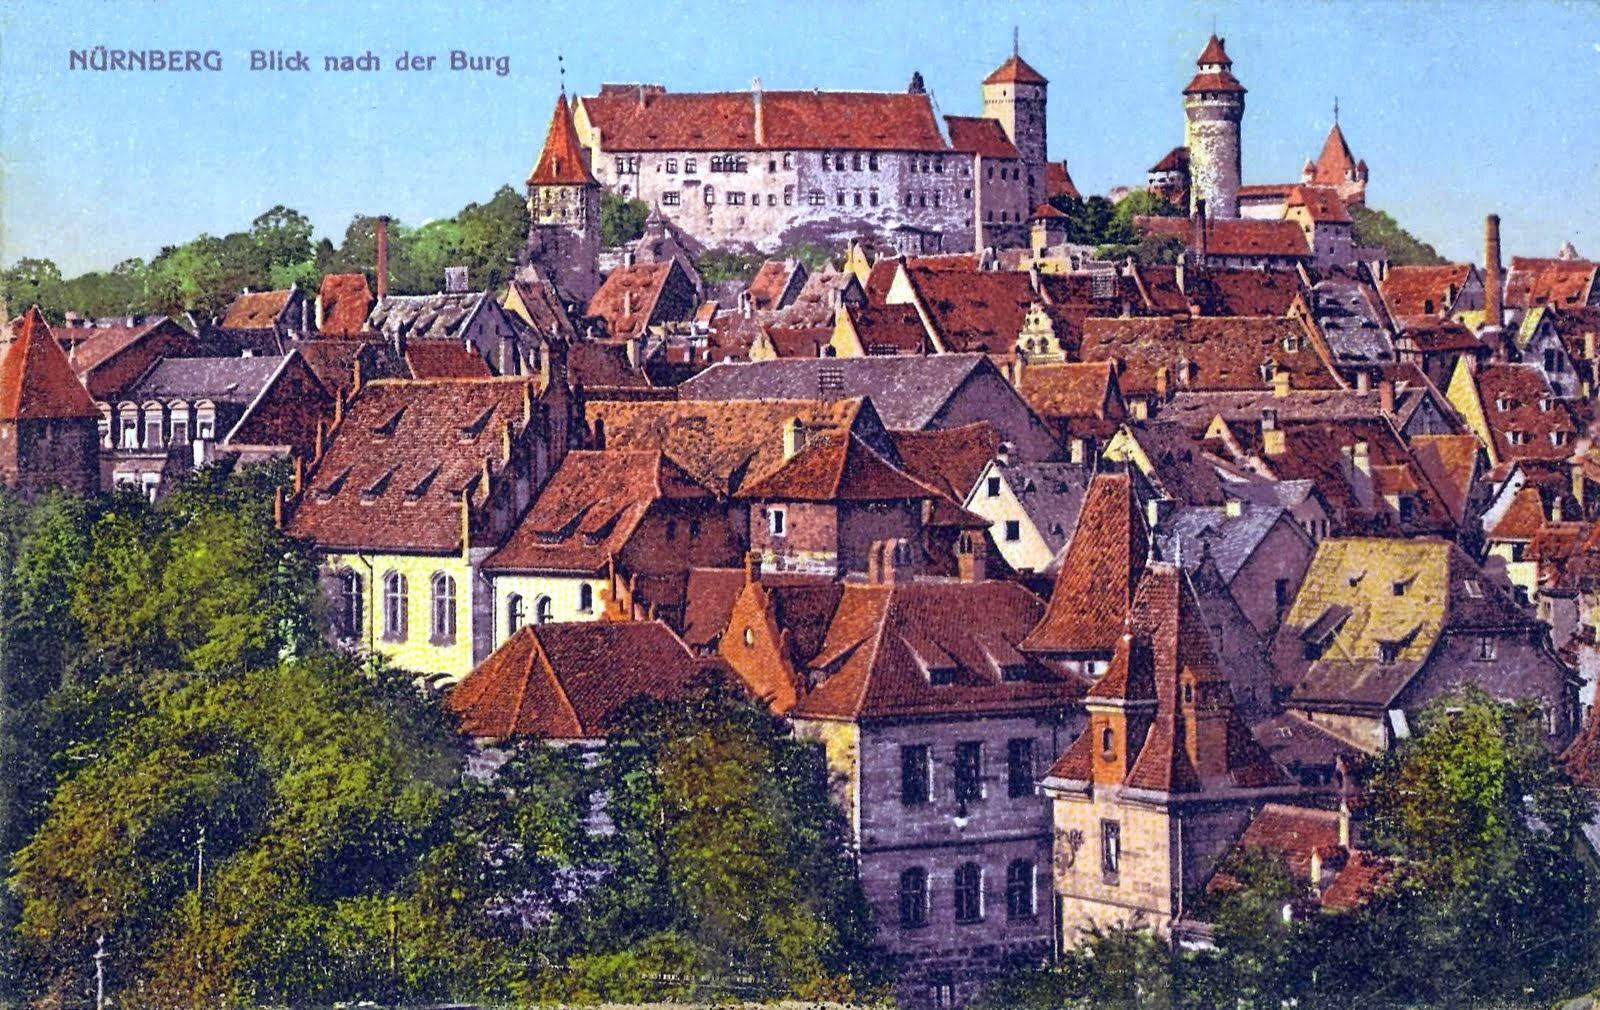 Nurnberg Burg